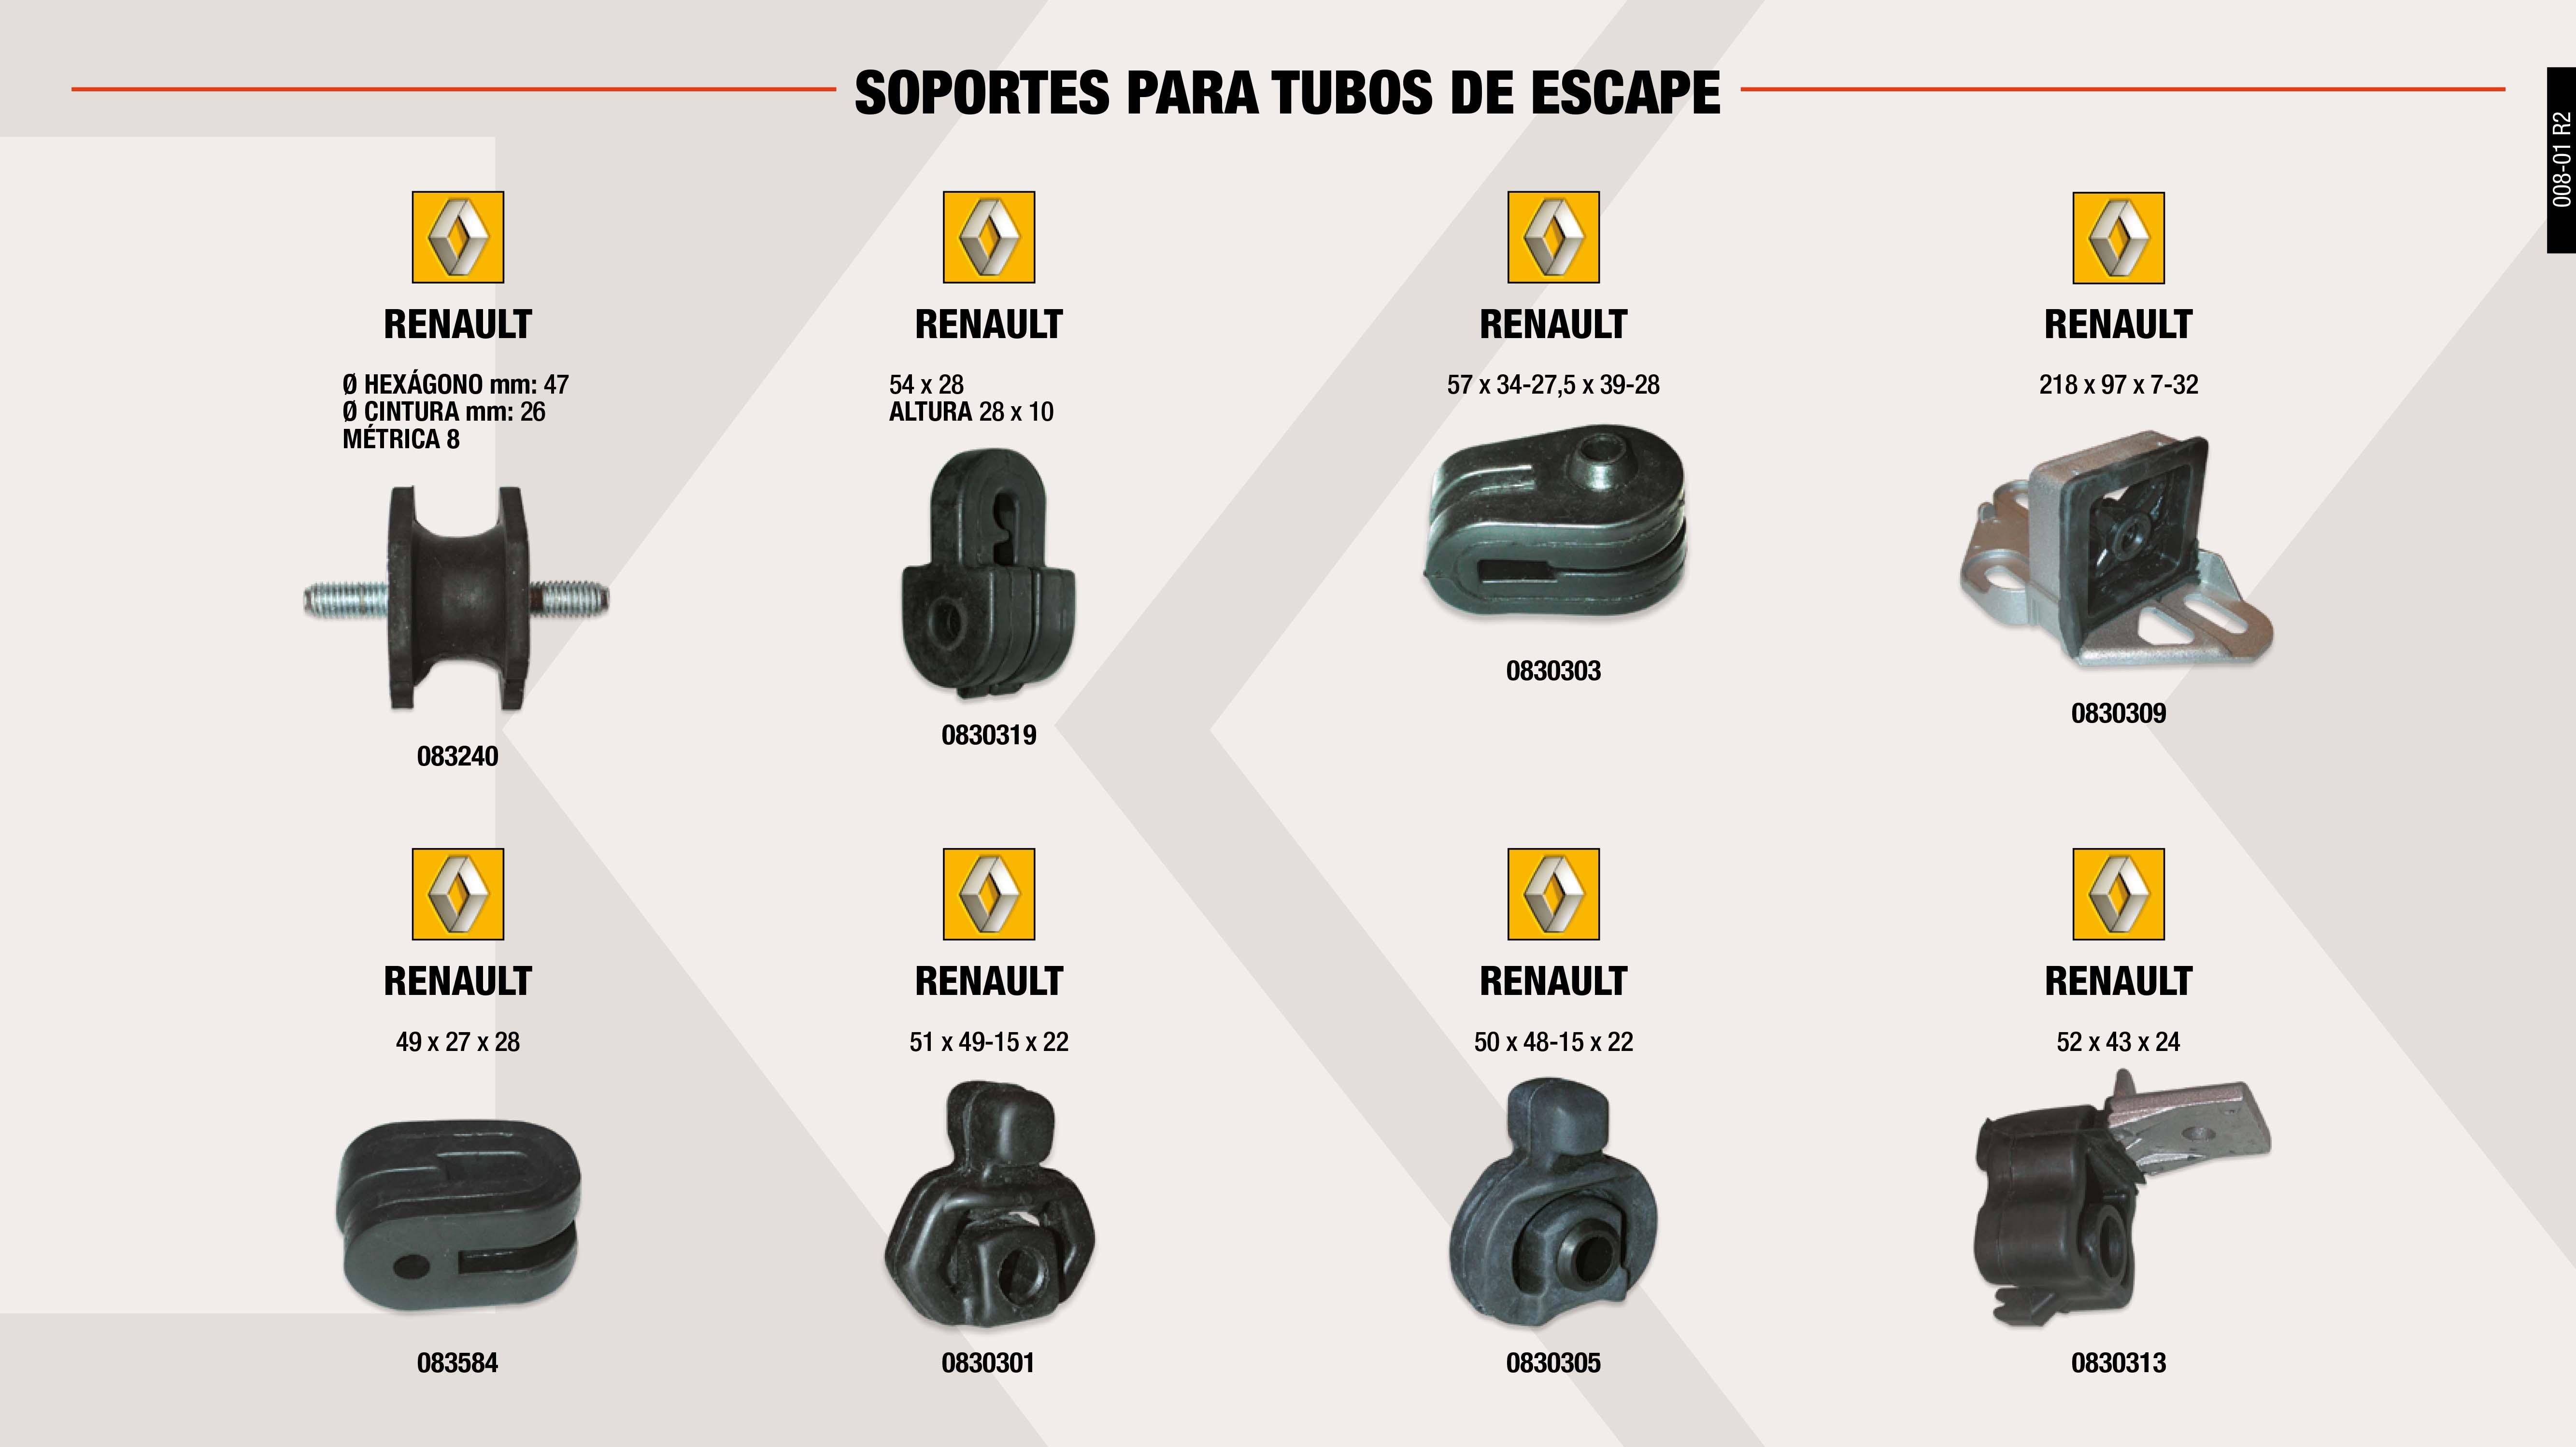 SOP.T.ESCAPE RENAULT EXPRESS-SUPER 5                        ,  SOP.T.ESCAPE RENAULT 57X34X39 MM                            ,  SOP.T.ESCAPE RENAULT 218X97X32 MM                           ,  SOP.T.ESCAPE RENAULT 50X48X22 MM                            ,  SOP.T.ESCAPE RENAULT 6                                      ,  SOP.T.ESCAPE R-18 (M-8)                                     ,  SOP.T.ESCAPE RENAULT 54X28X28 MM                            ,  SOP.T.ESCAPE RENAULT 52X43X24 MM                            ,  SOP.T.ESCAPE RENAULT 51X49X22 MM                            ,